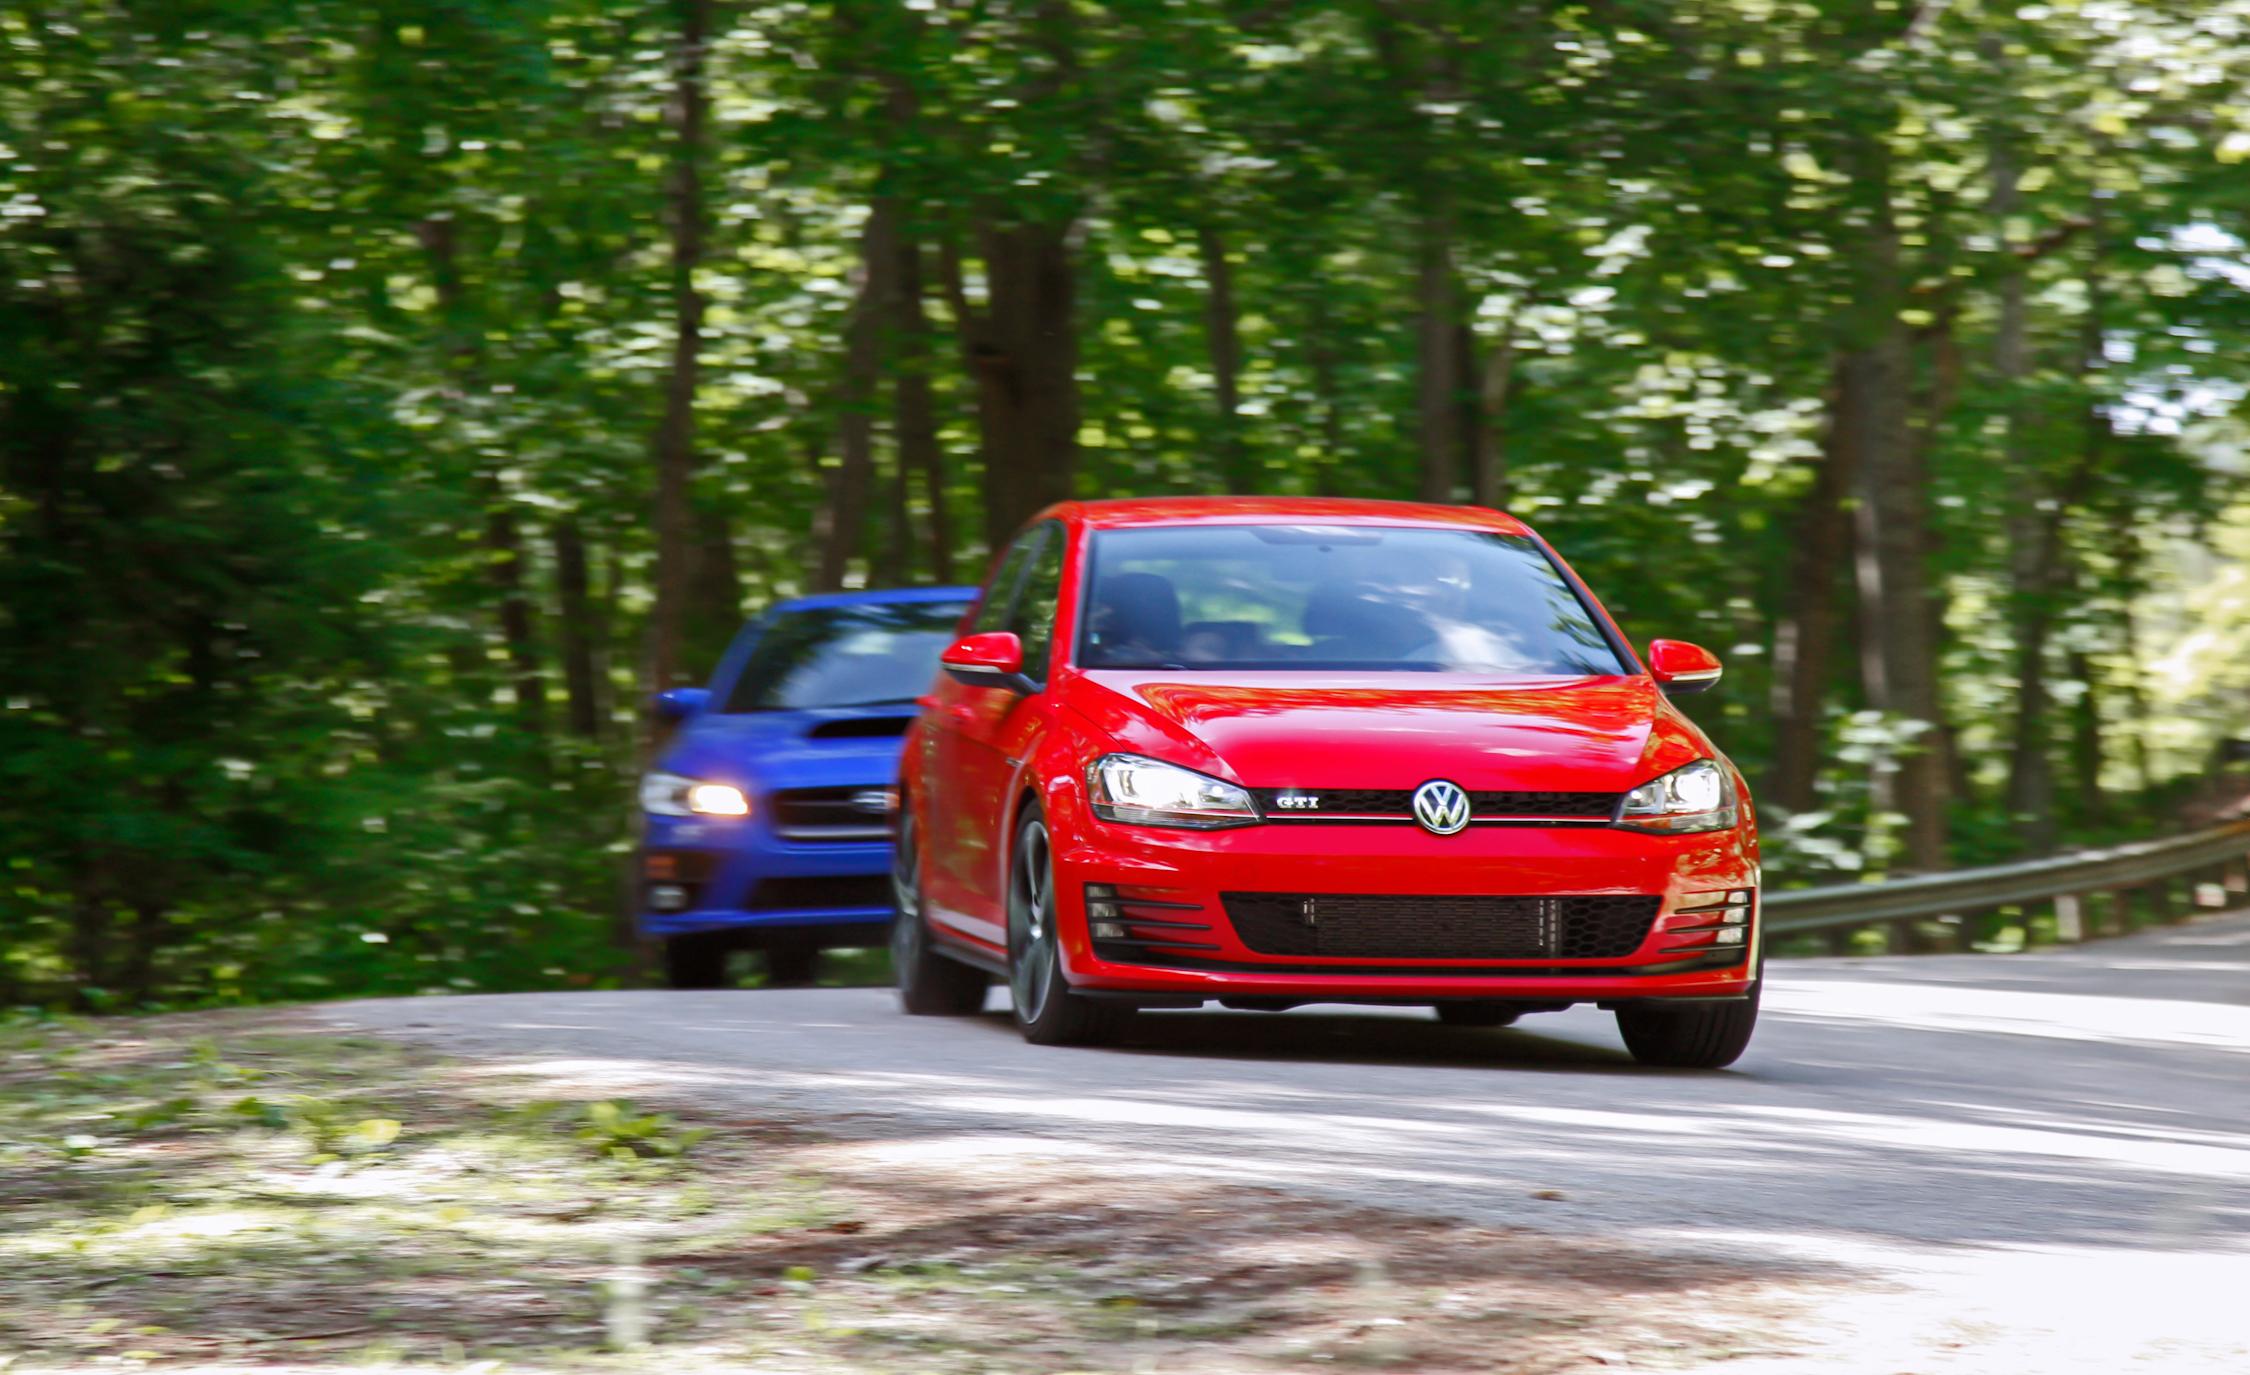 2015 Volkswagen GTI 5-Door vs Subaru WRX Comparison